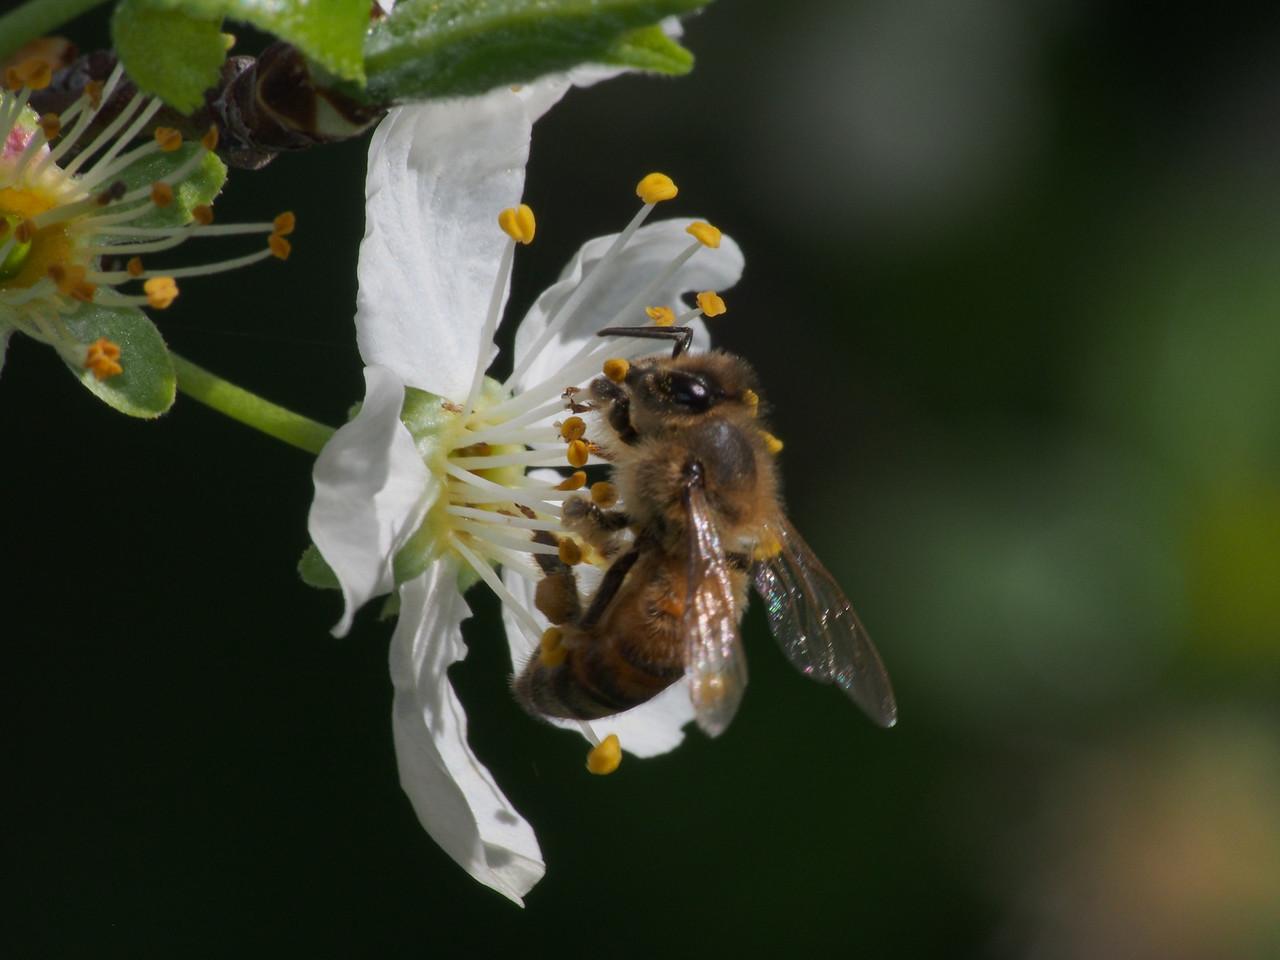 20130912_1333_2651 plum blossom bee